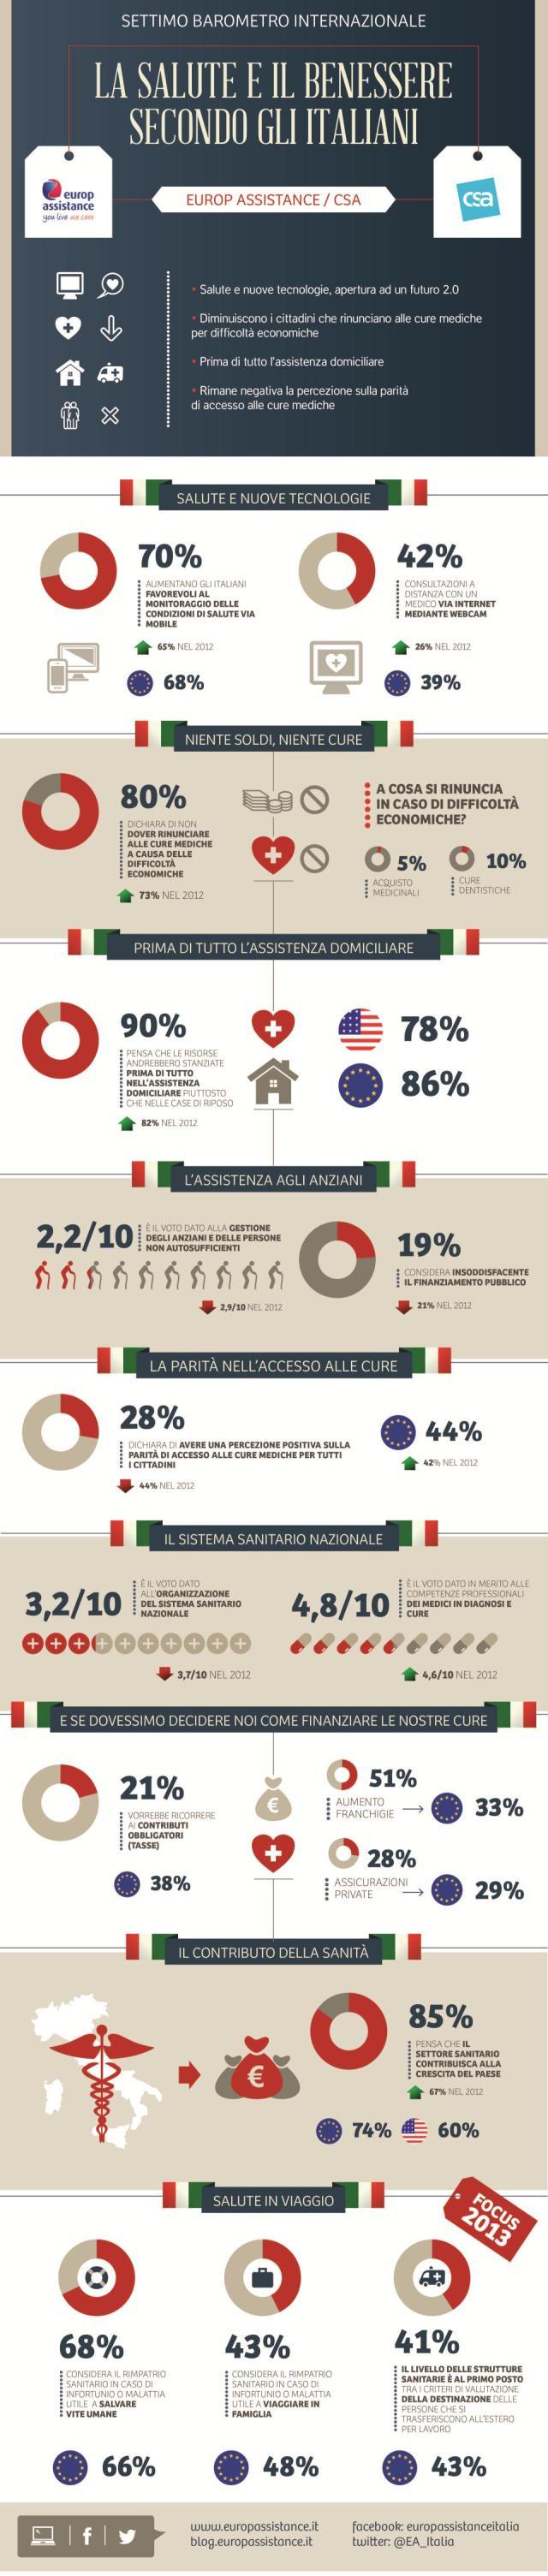 Barometro Salute 2013 - Infografica dei risultati